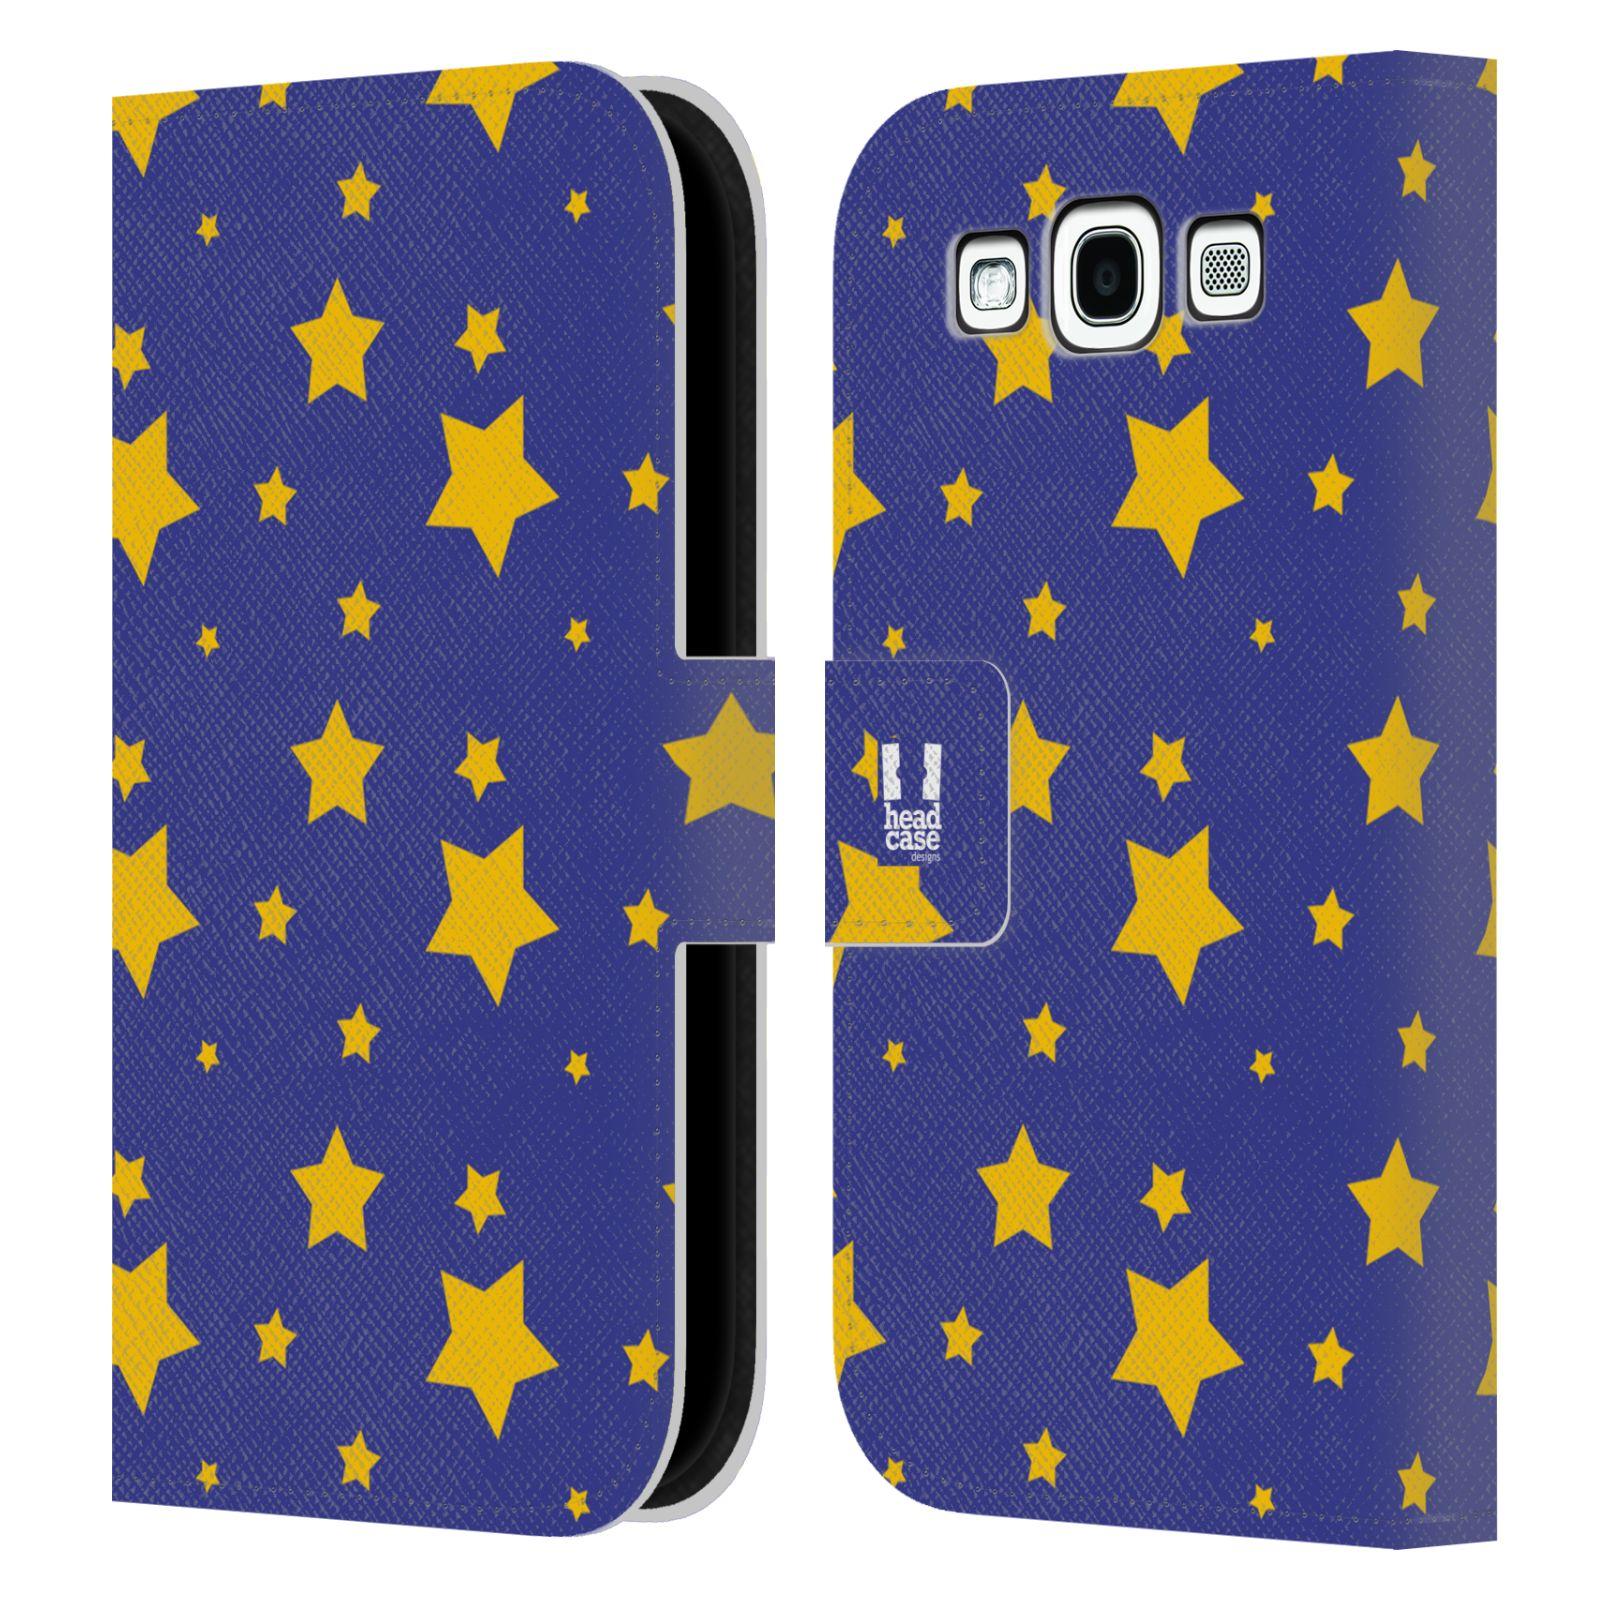 HEAD CASE Flipové pouzdro pro mobil Samsung Galaxy S3 vzor hvězdičky modrá a žlutá